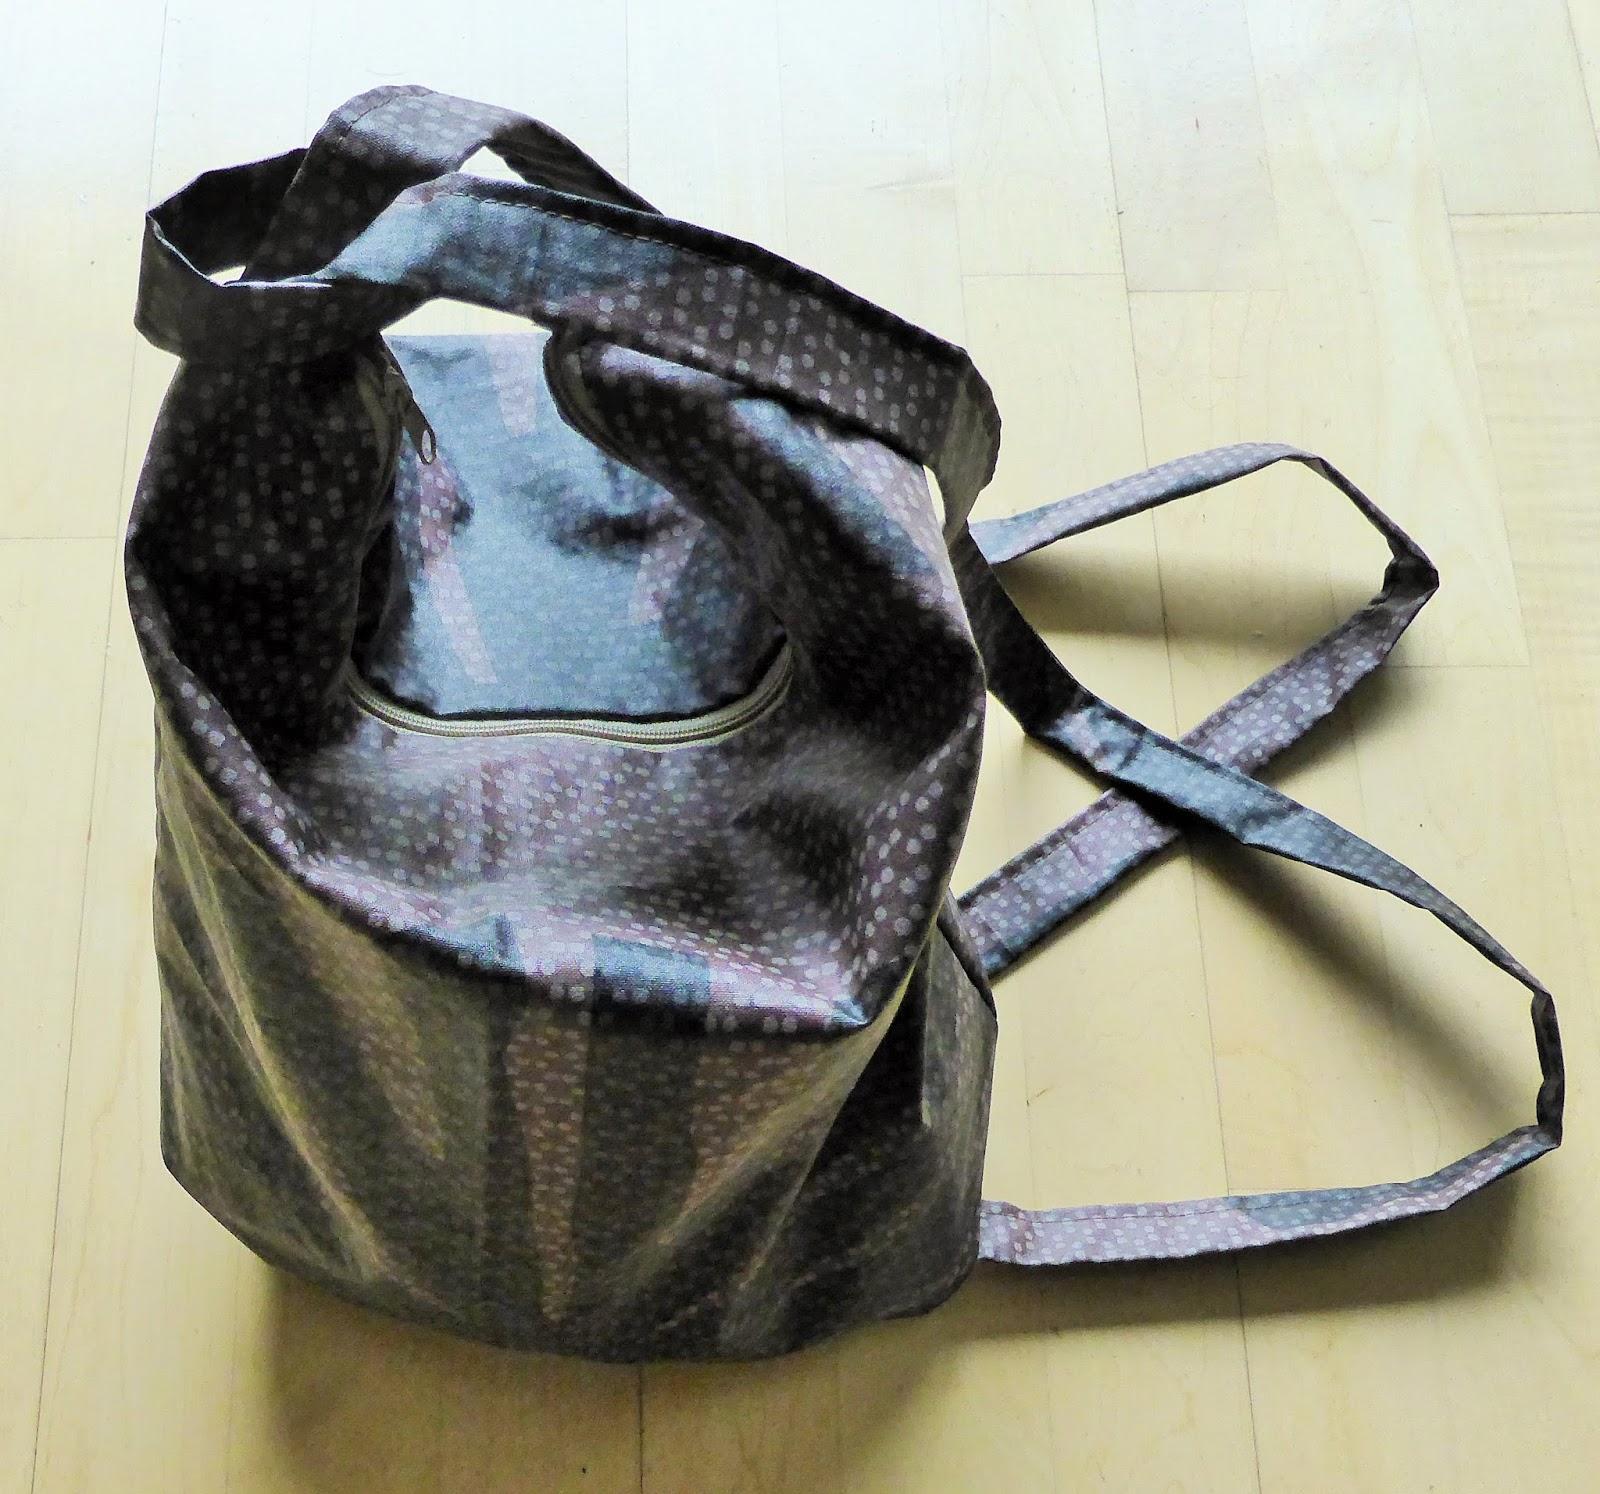 rucksack handtasche mit rei verschluss anleitung gratis schnittmuster und n hanleitungen zum. Black Bedroom Furniture Sets. Home Design Ideas